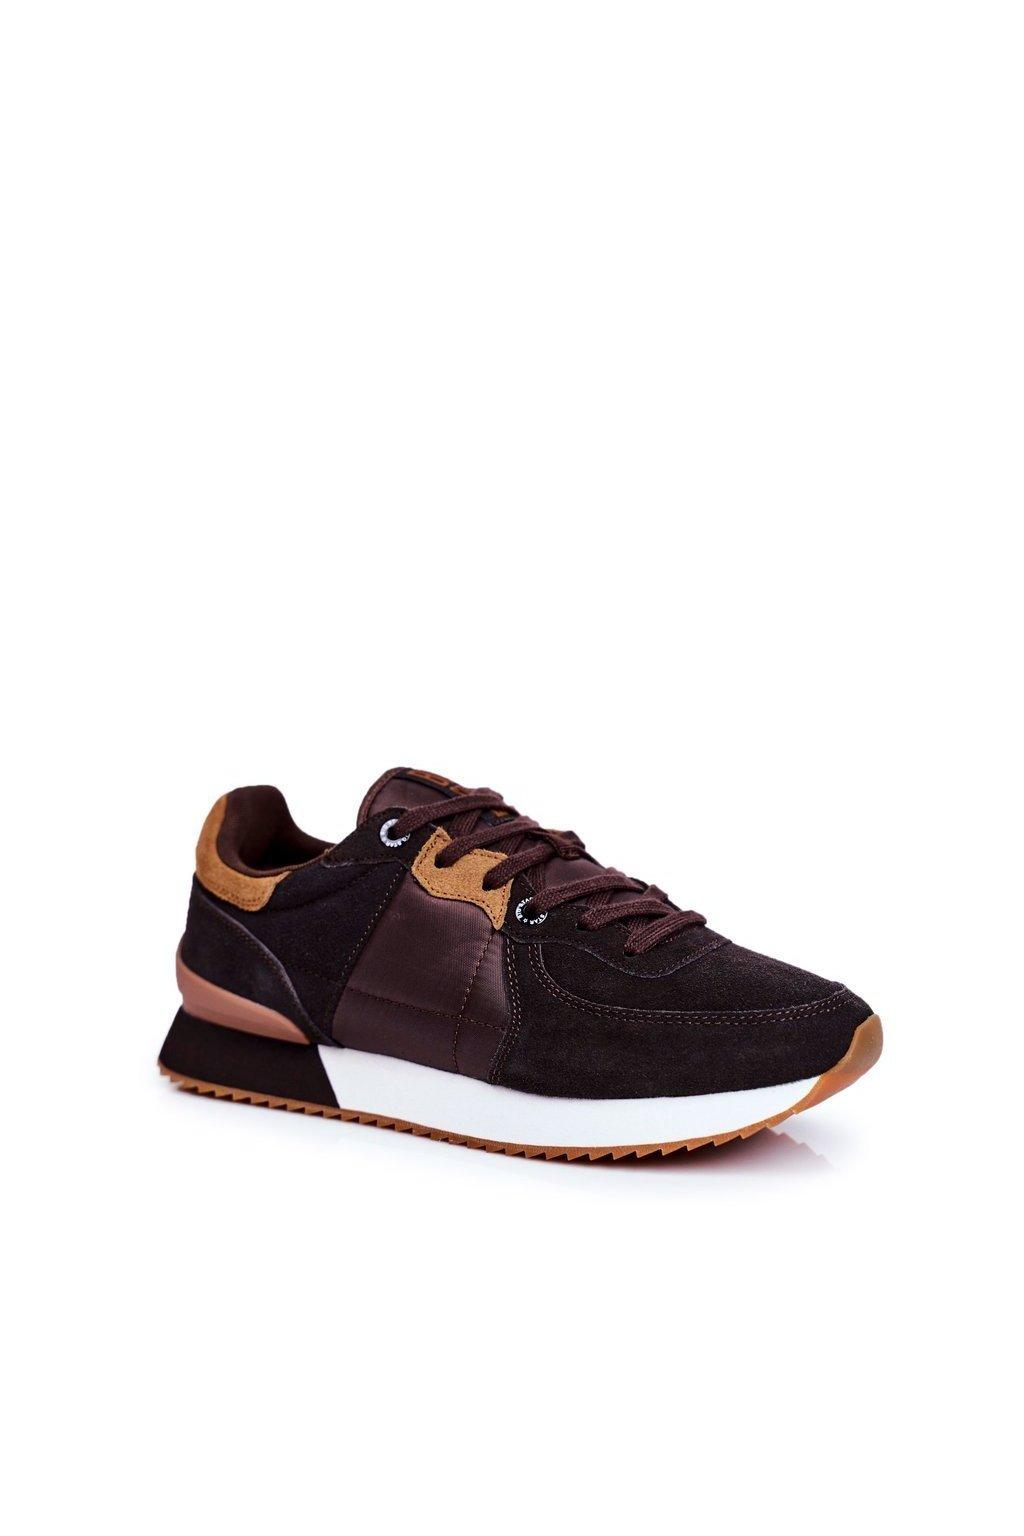 Hnedá obuv kód topánok GG174177 BROWN